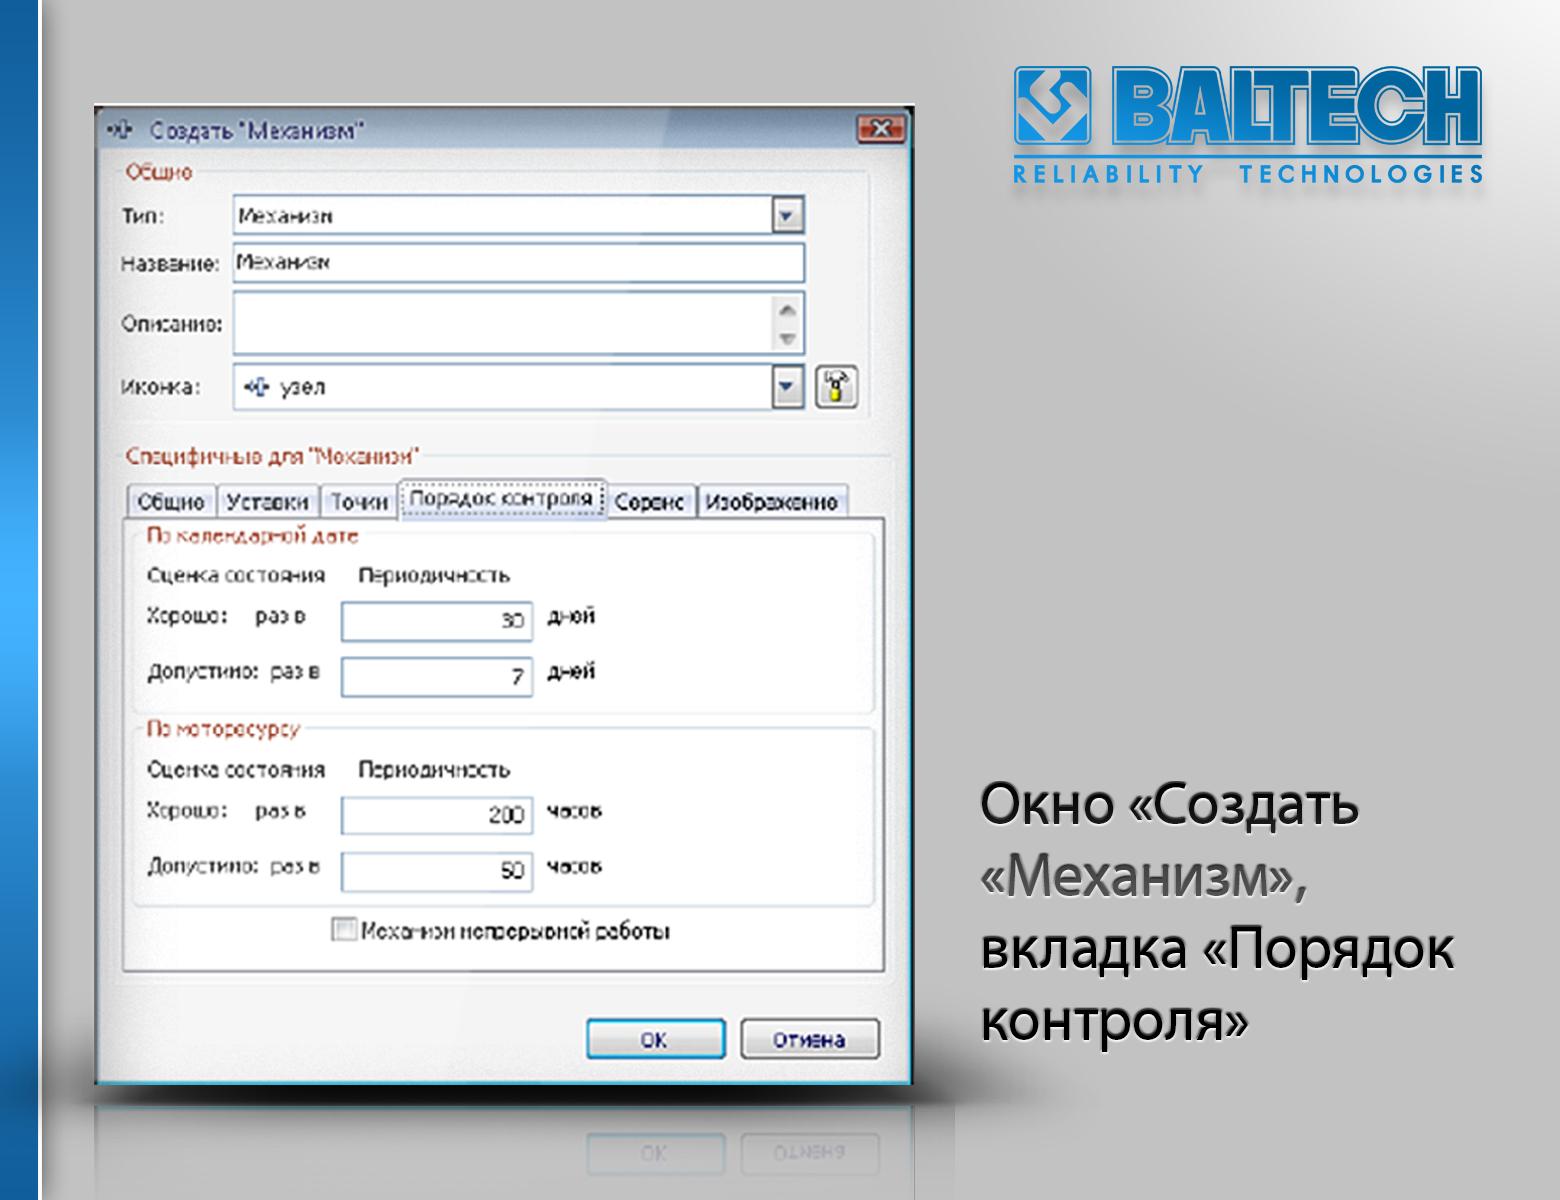 Программное обеспечение BALTECH-Expert, Окно Создать Механизм вкладка Порядок контроля